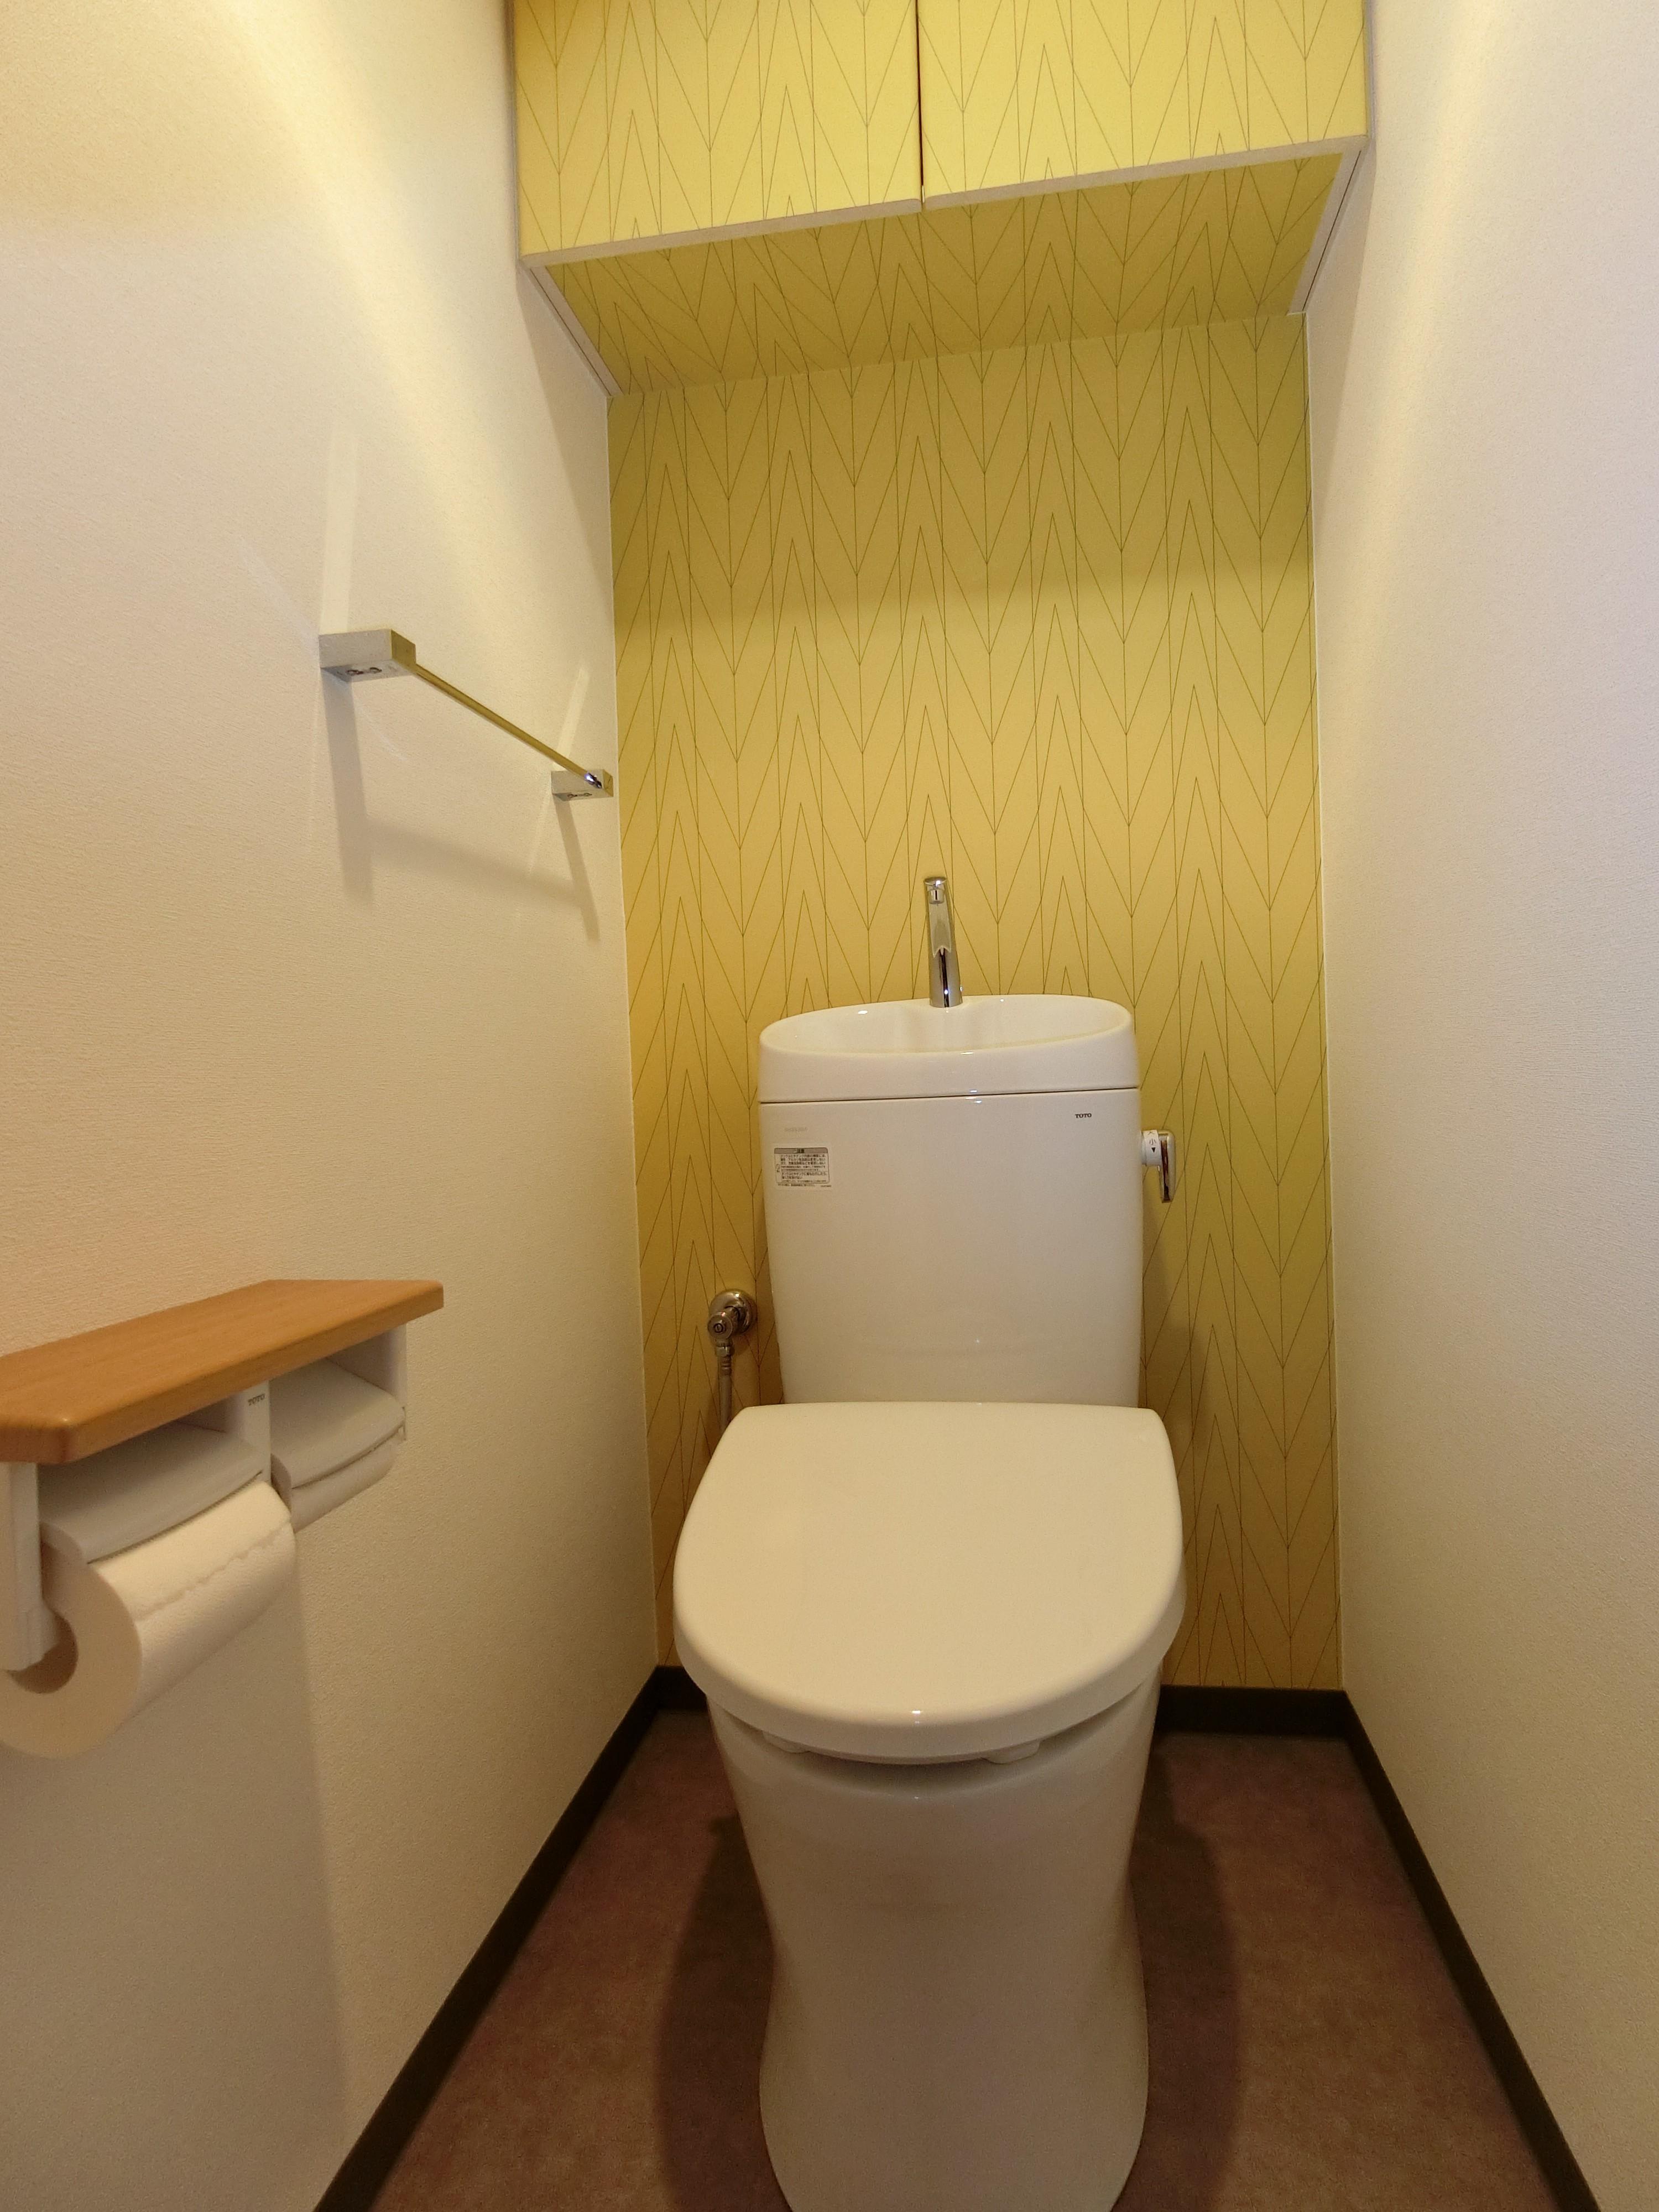 自分好みのトイレ空間 施工事例 高松市 丸亀市のリフォーム リノベーションならアトリエ住まいるへ